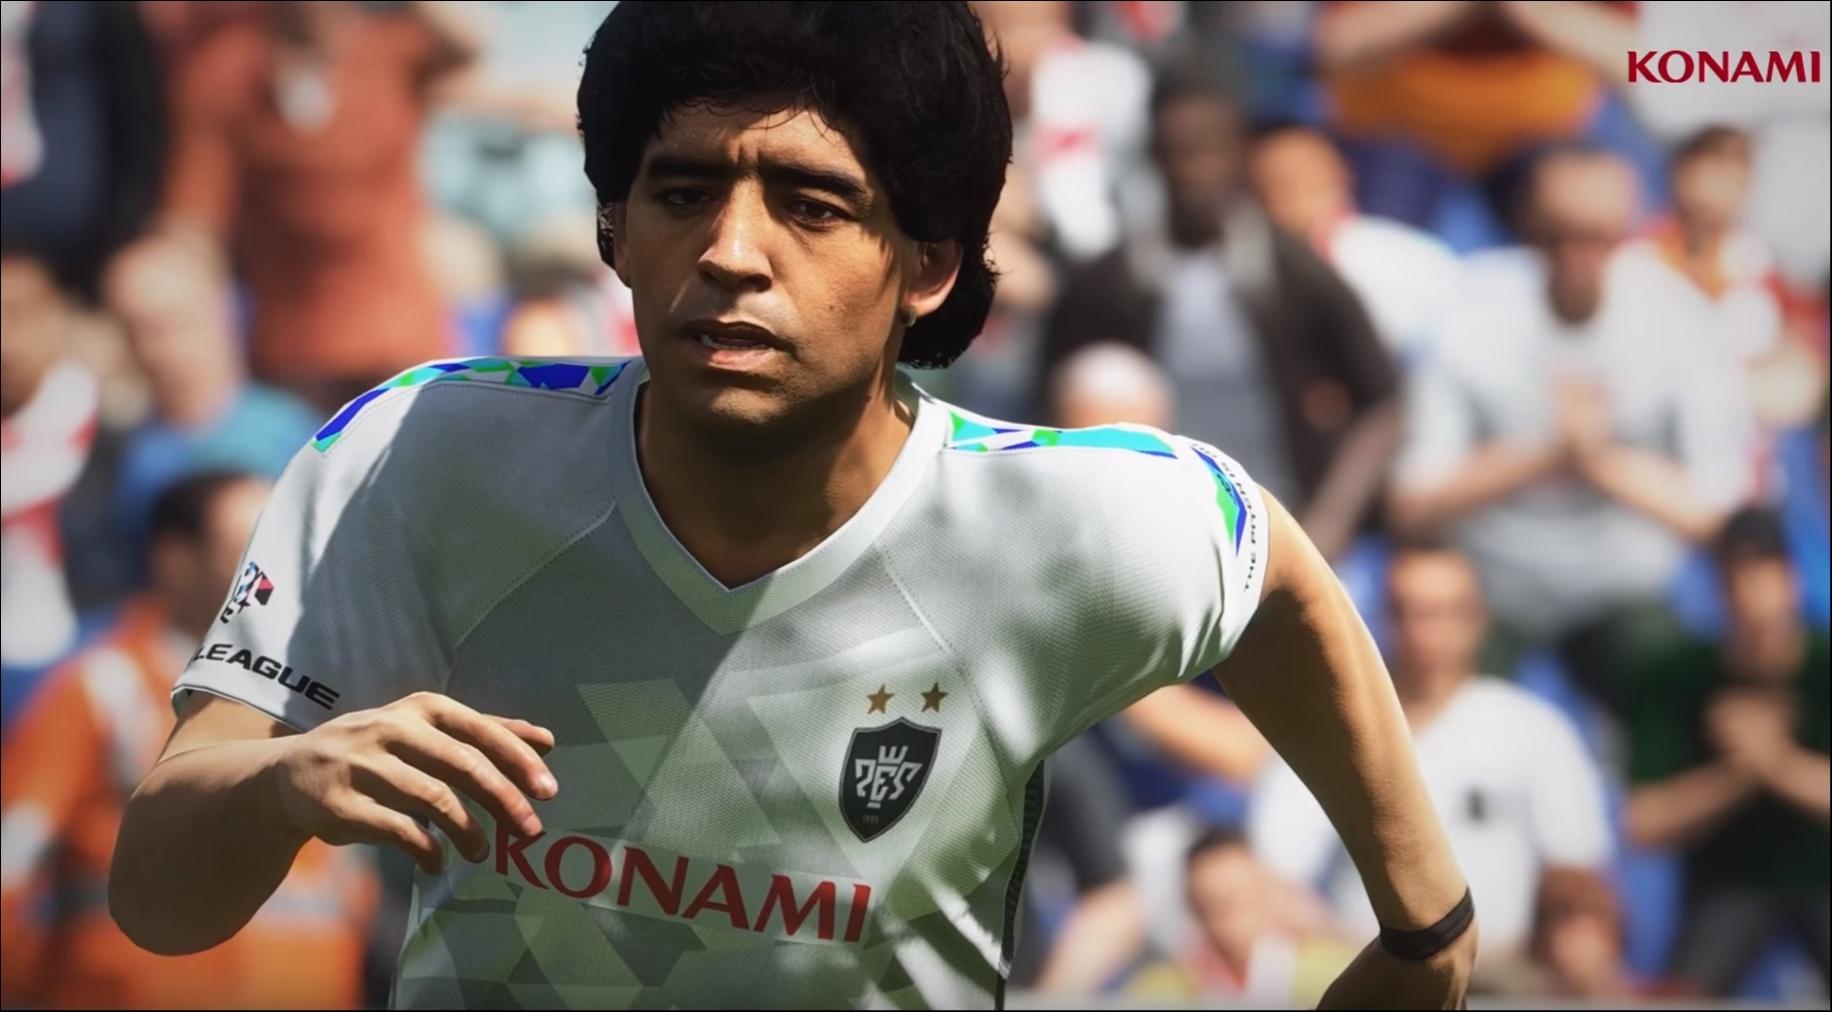 Diego-Maradona-7-1497354875.jpg